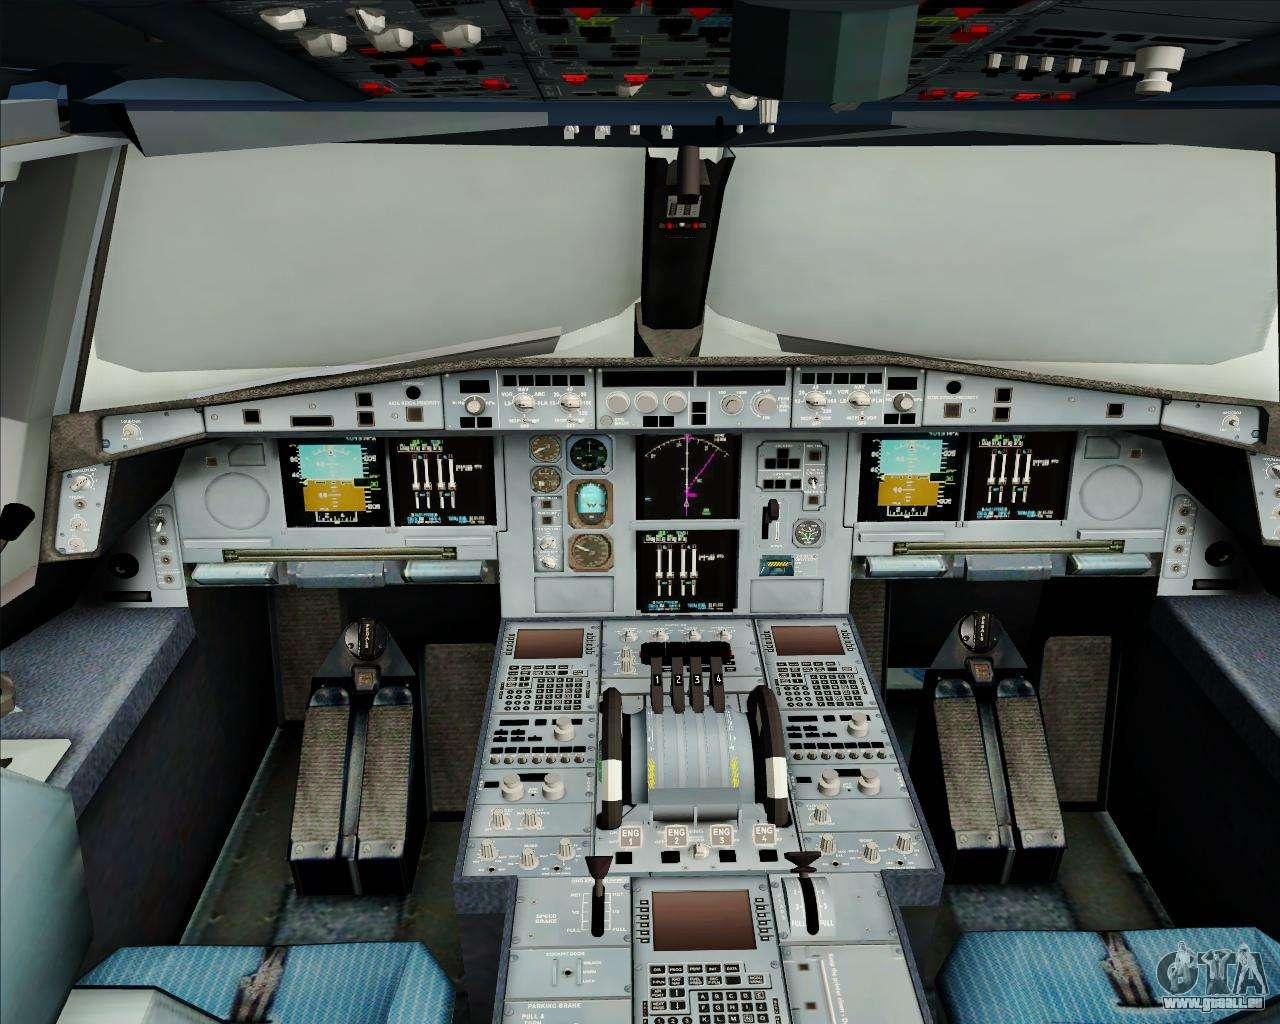 eminem a380 airbus interior - photo #33